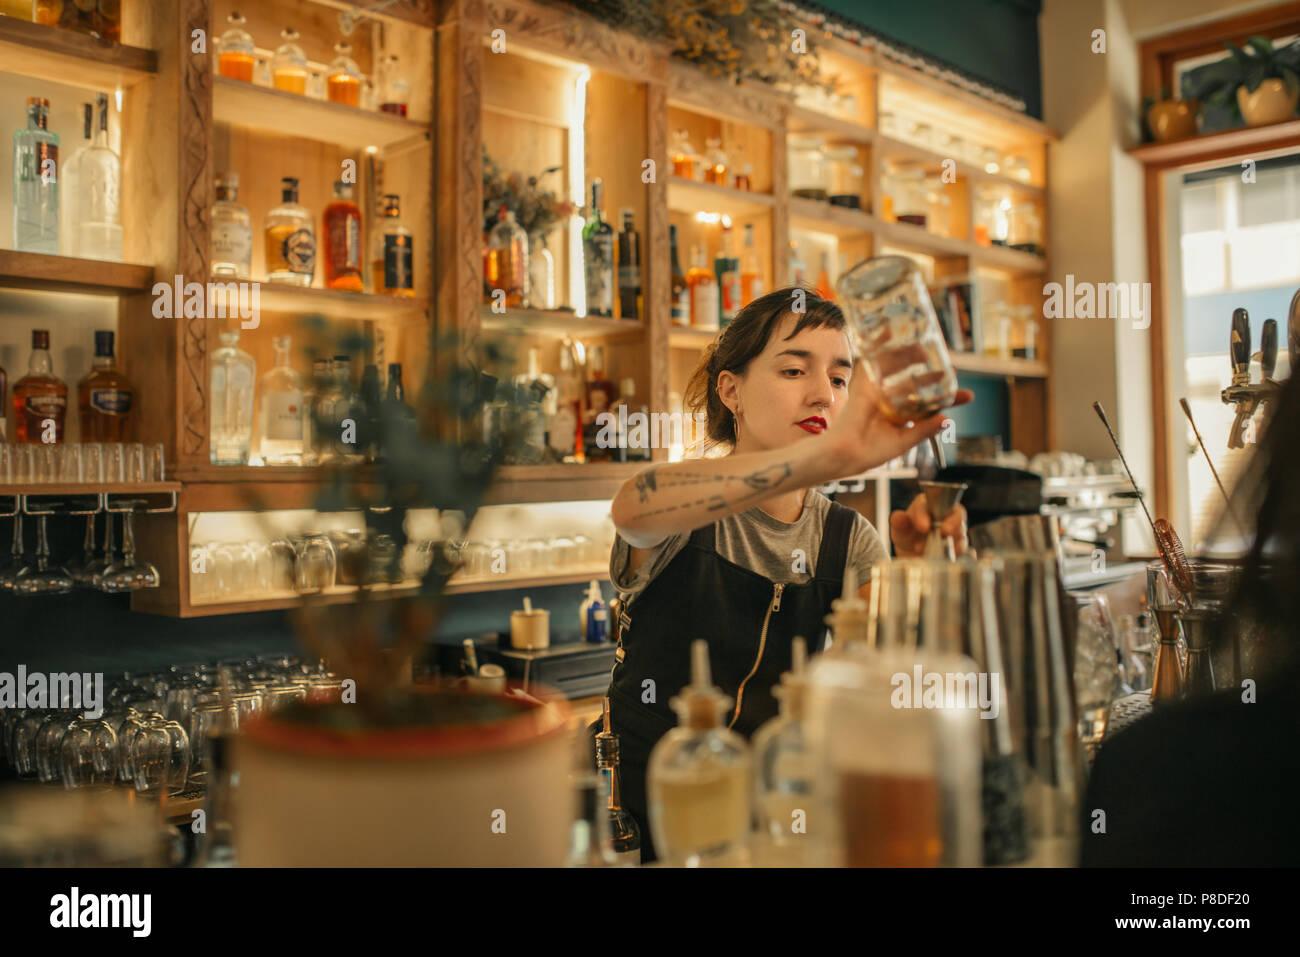 Jeune femme bartender pouring cocktails derrière un comptoir bar Photo Stock